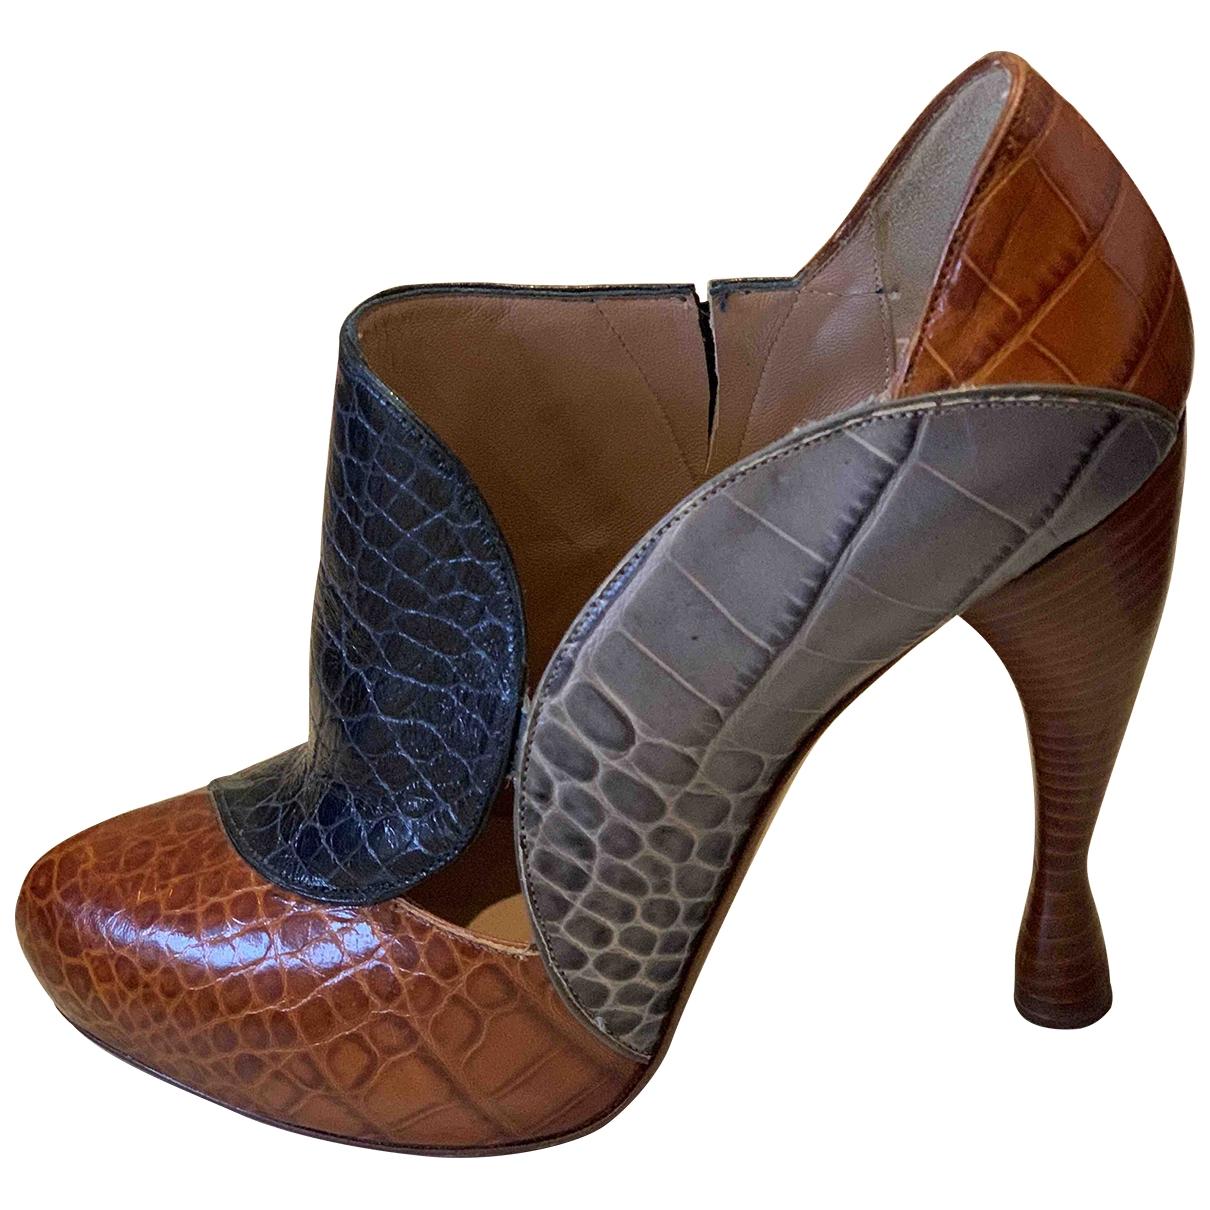 Emporio Armani - Boots   pour femme en cuir - marron